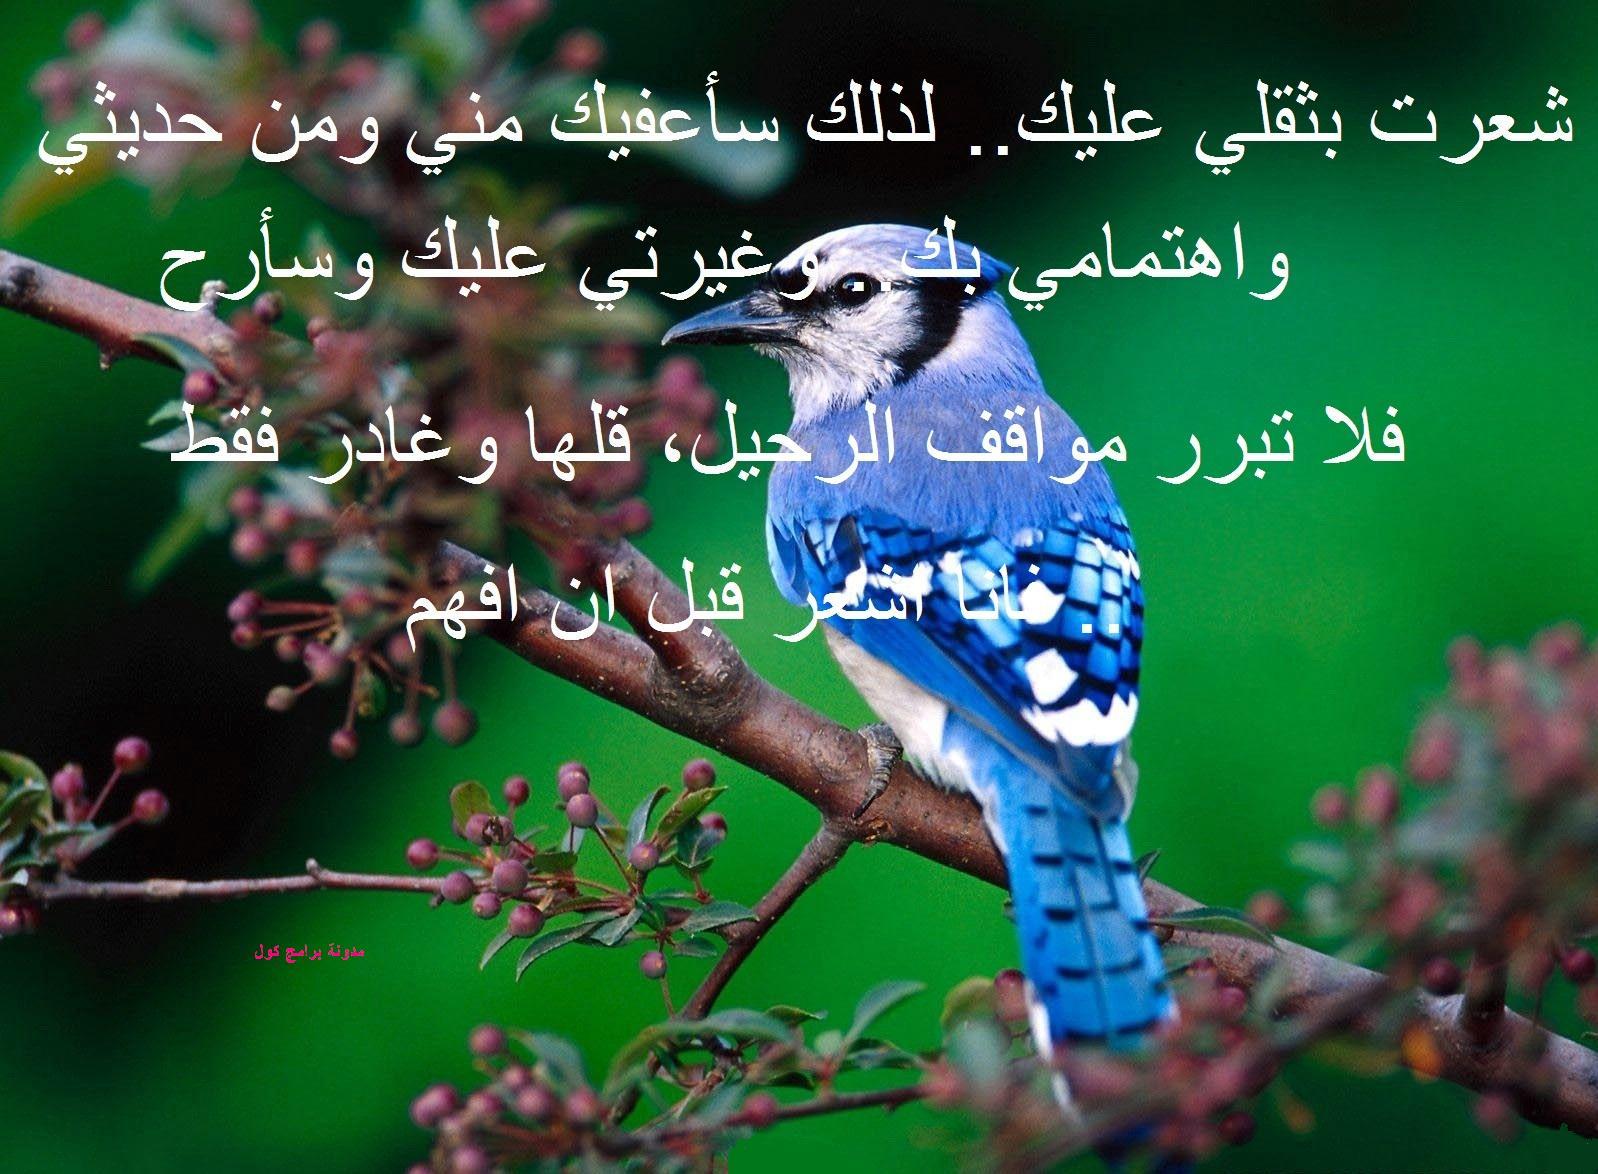 بالصور رسالة عتاب للحبيب , رسائل عتاب قويه ومؤثره للحبيب 3564 6